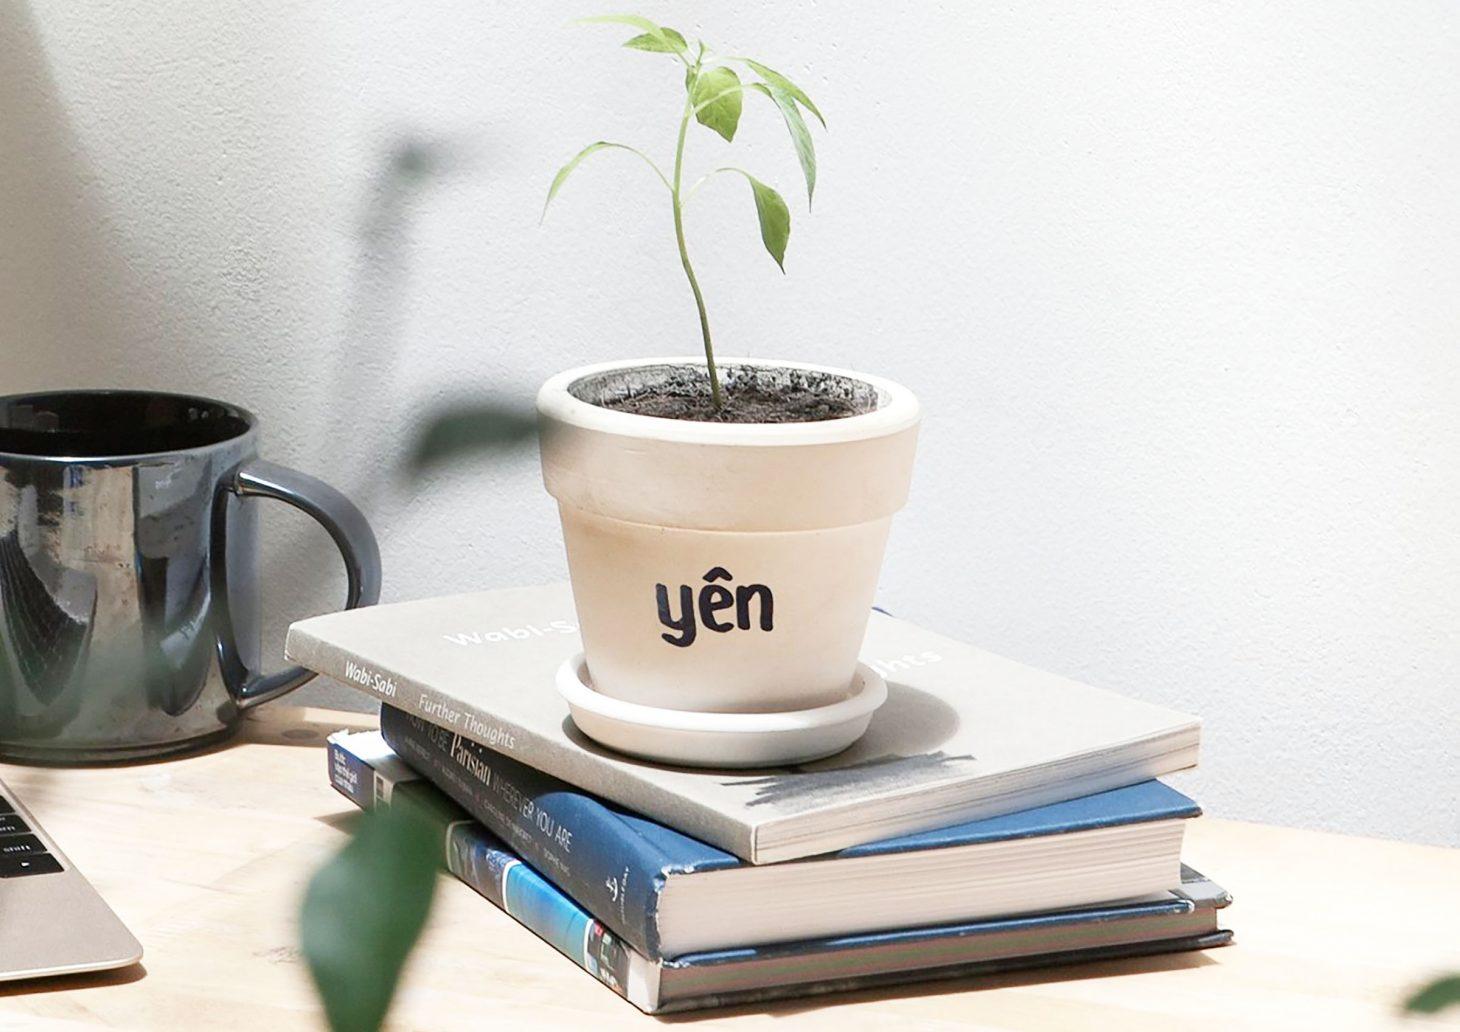 Yen Concept Review